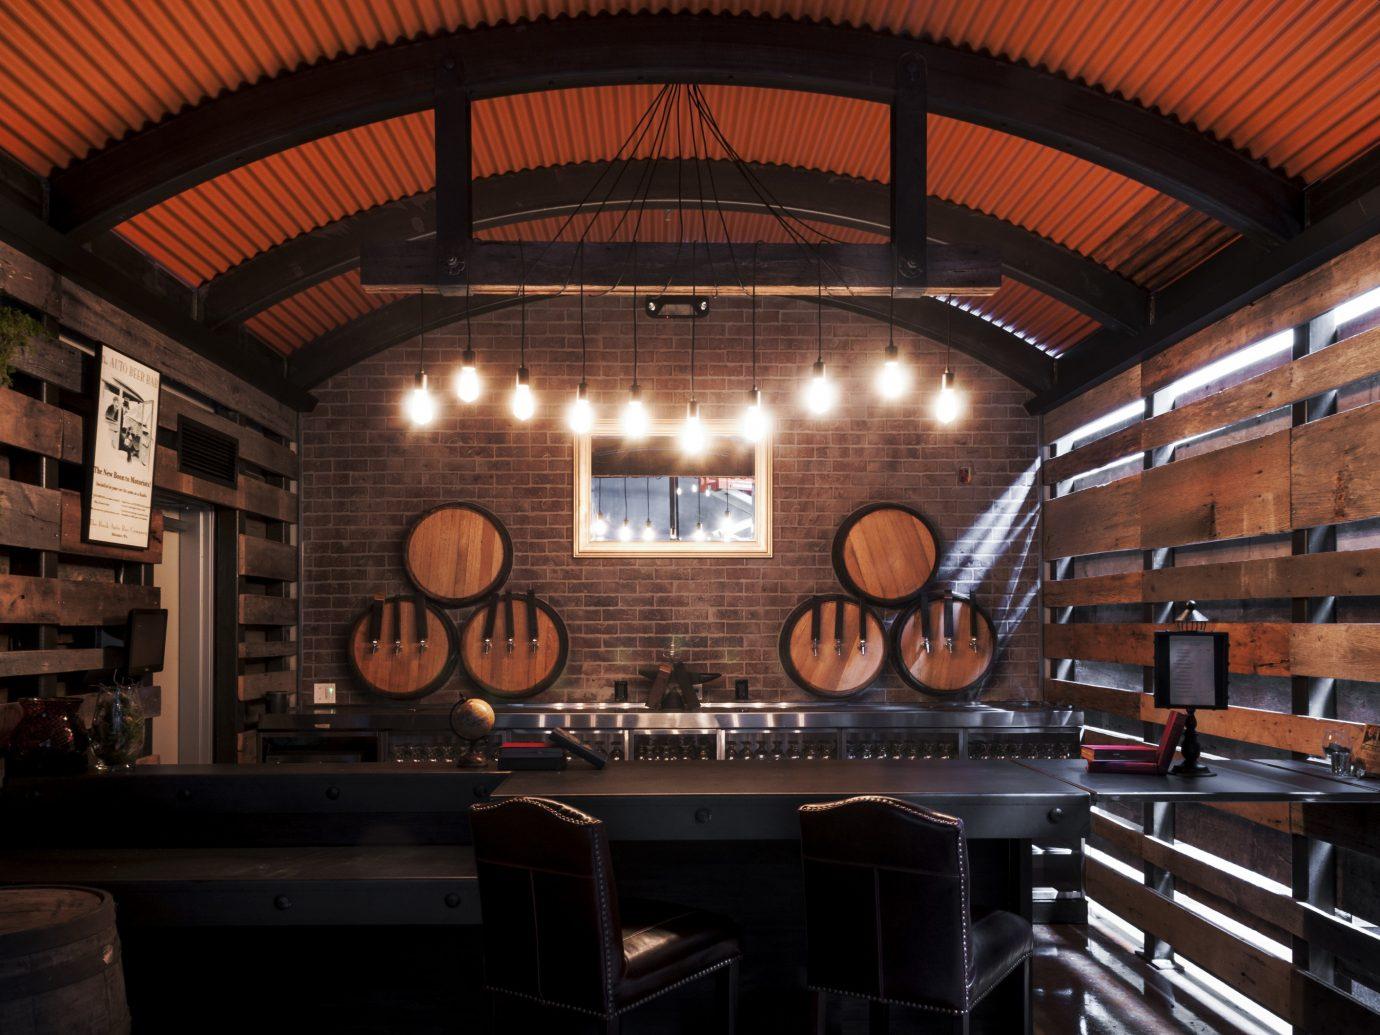 Trip Ideas indoor ceiling man made object room interior design restaurant estate Bar auditorium